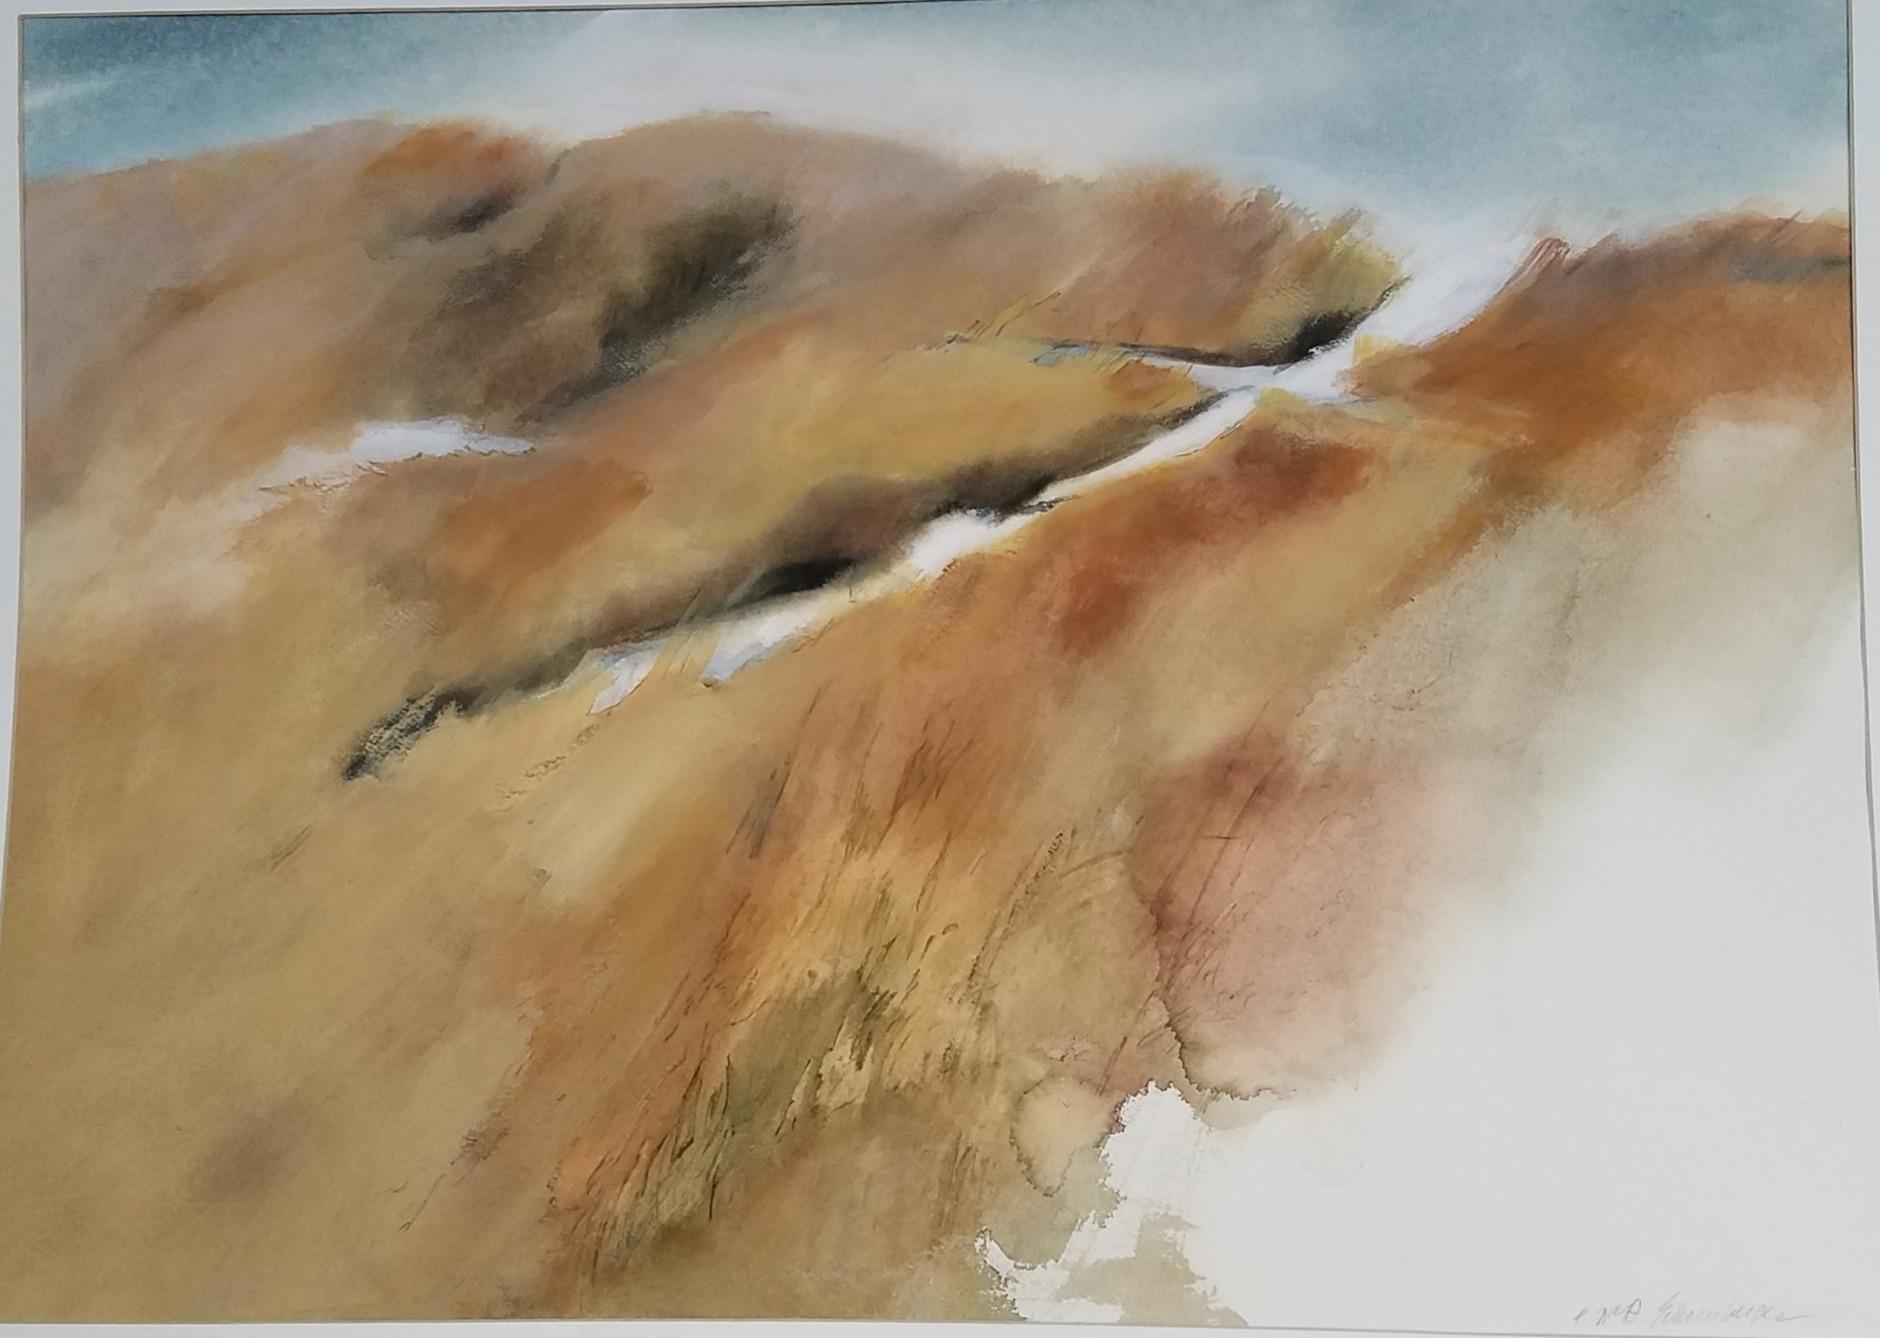 5) Dune Grass